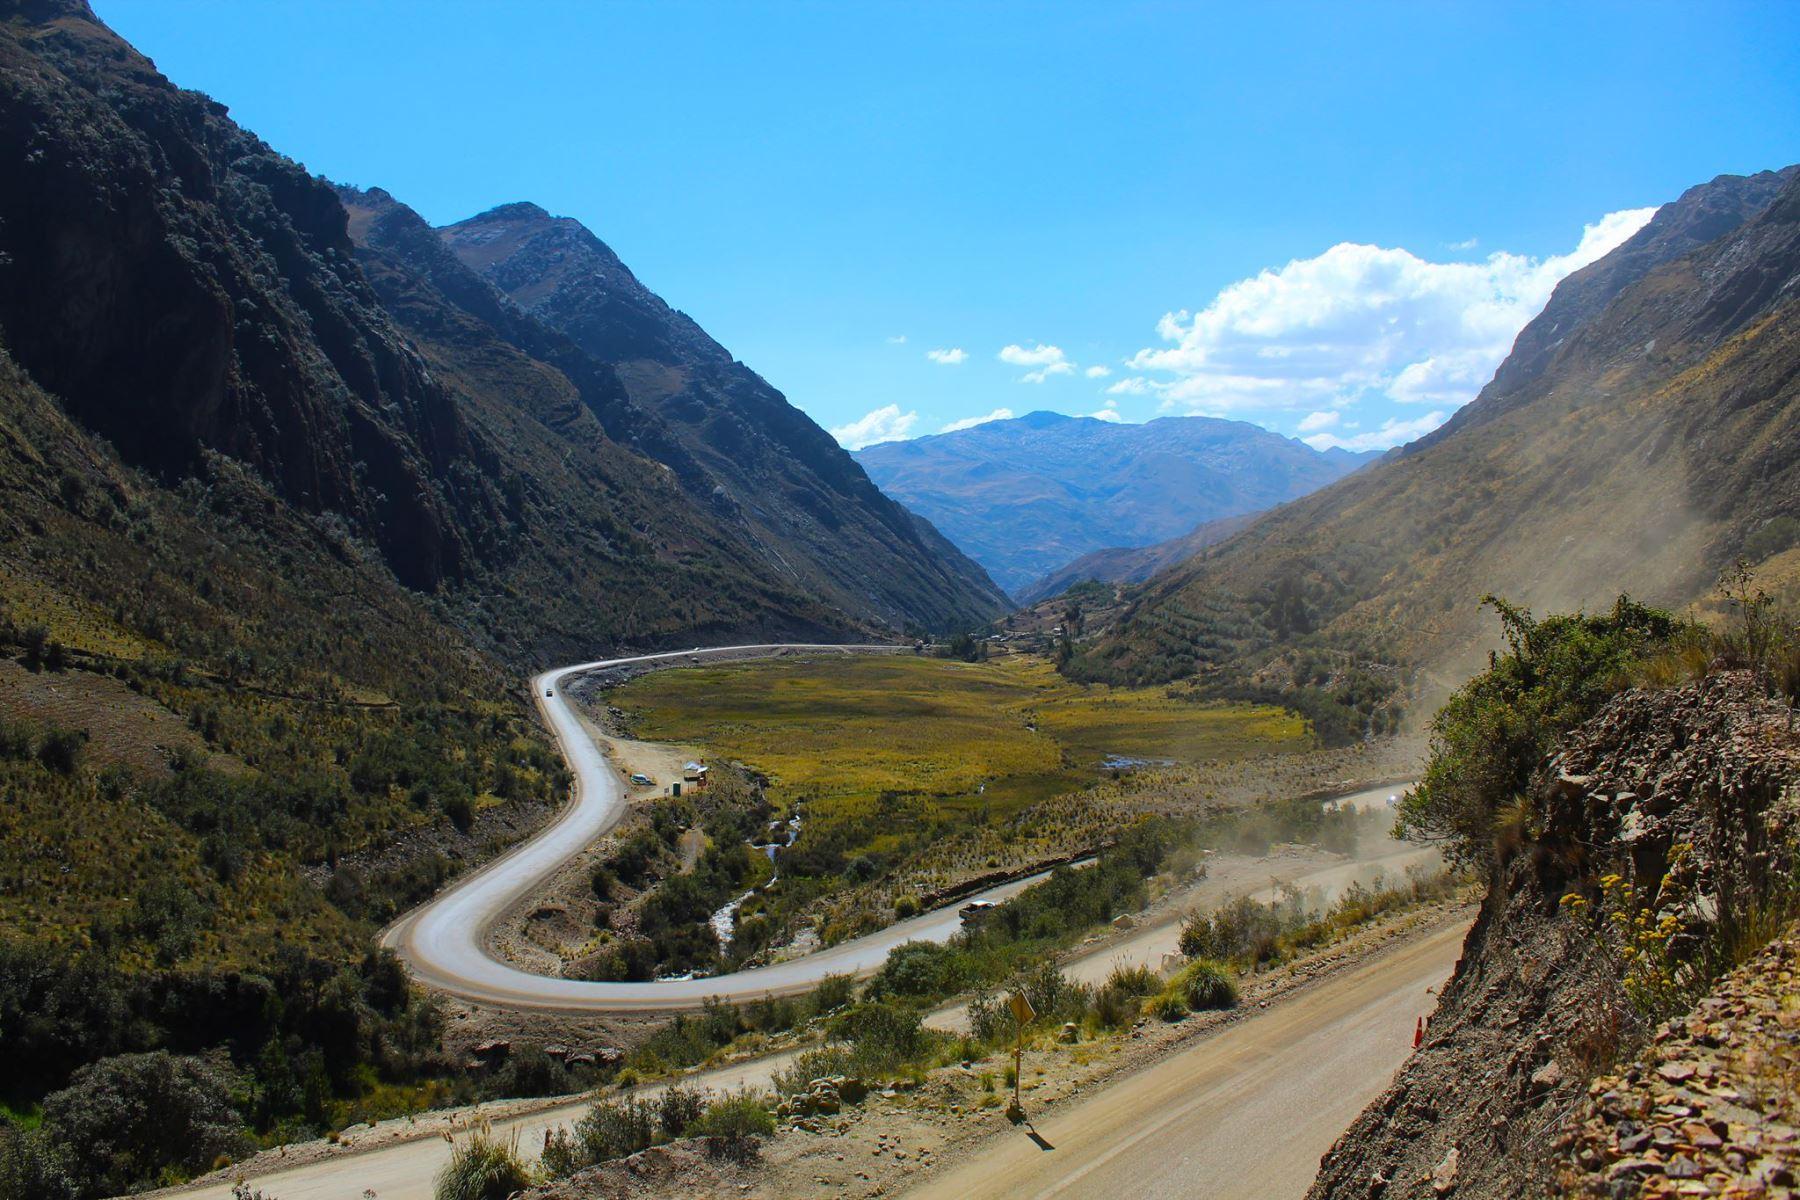 Para interconectar pueblos de la costa y la sierra de la región Áncash se asfaltarán 1,484 kilómetros de carreteras.